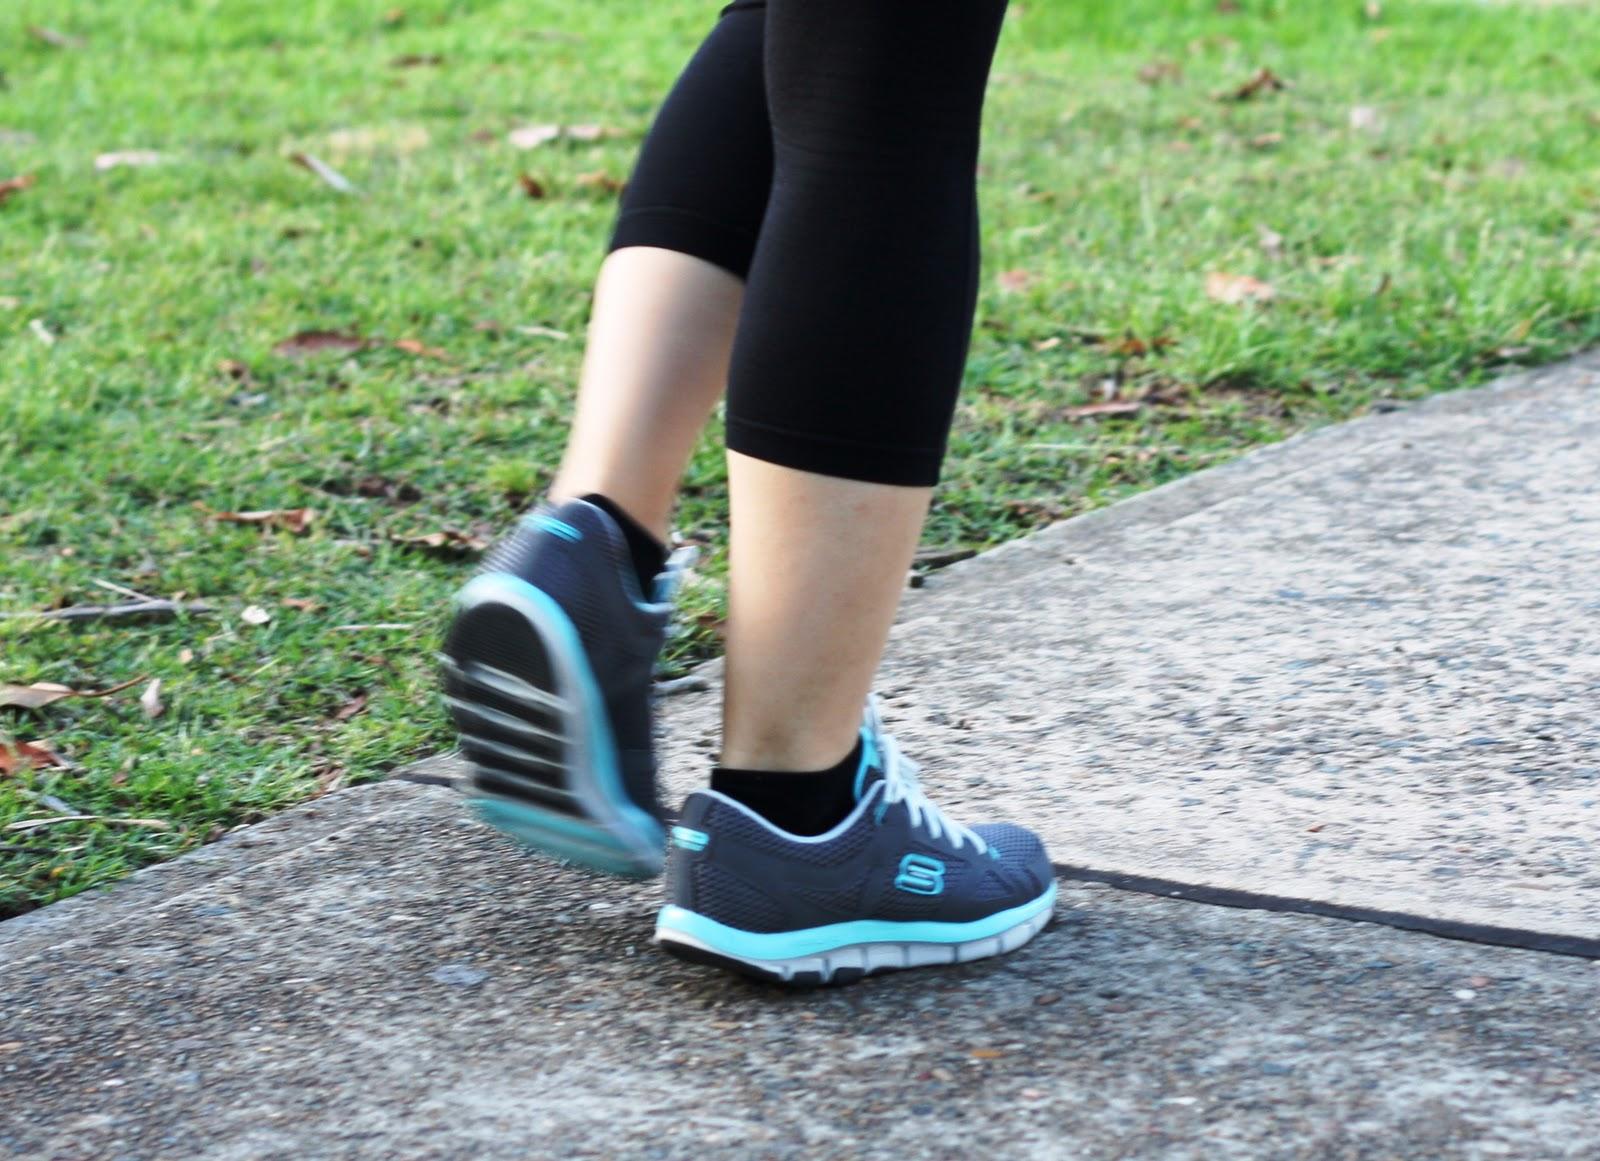 Đi bộ chậm tốt cho người béo phì